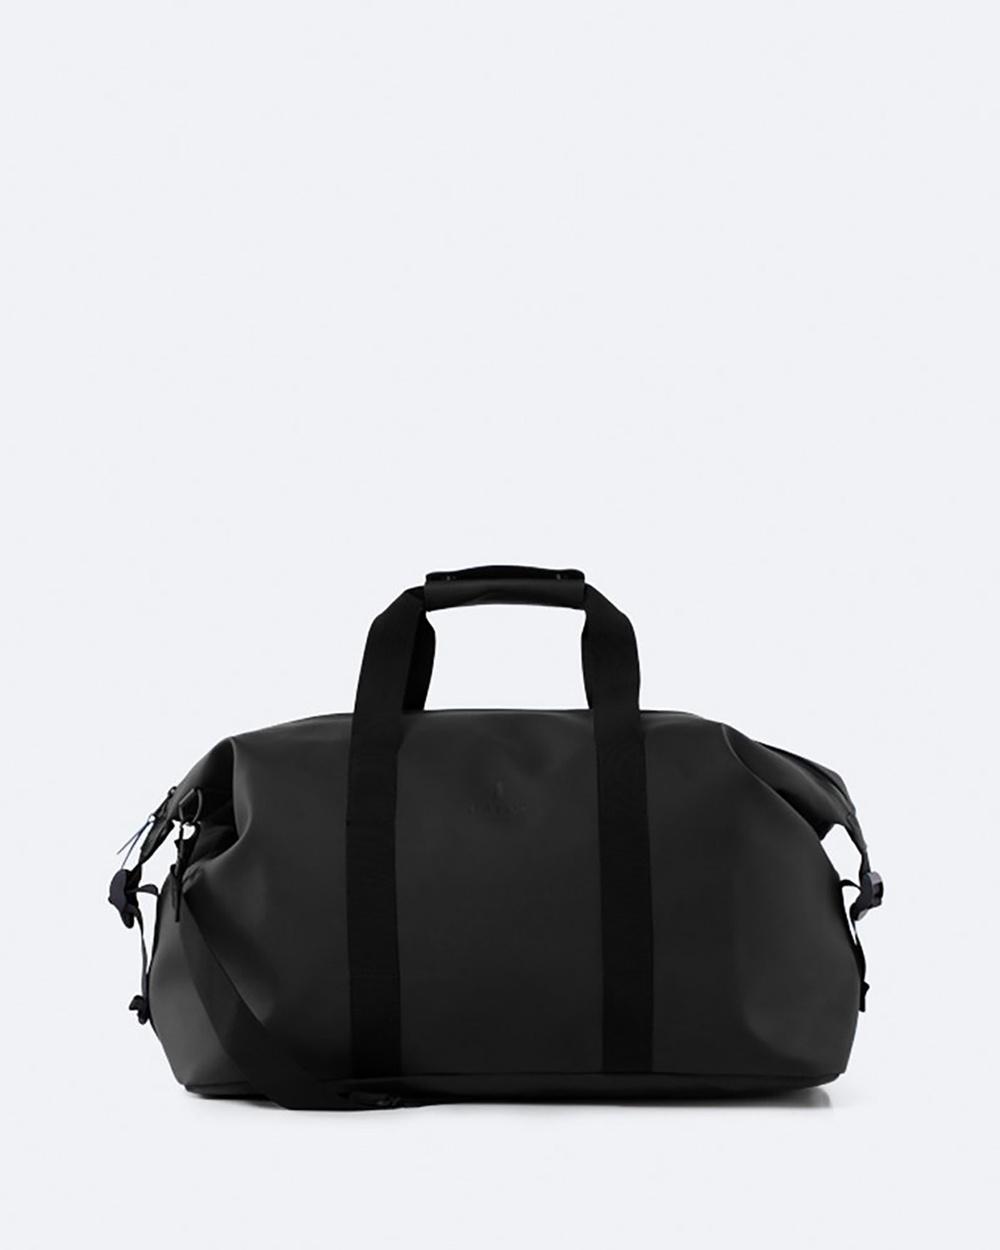 RAINS Weekend Bag Duffle Bags Black